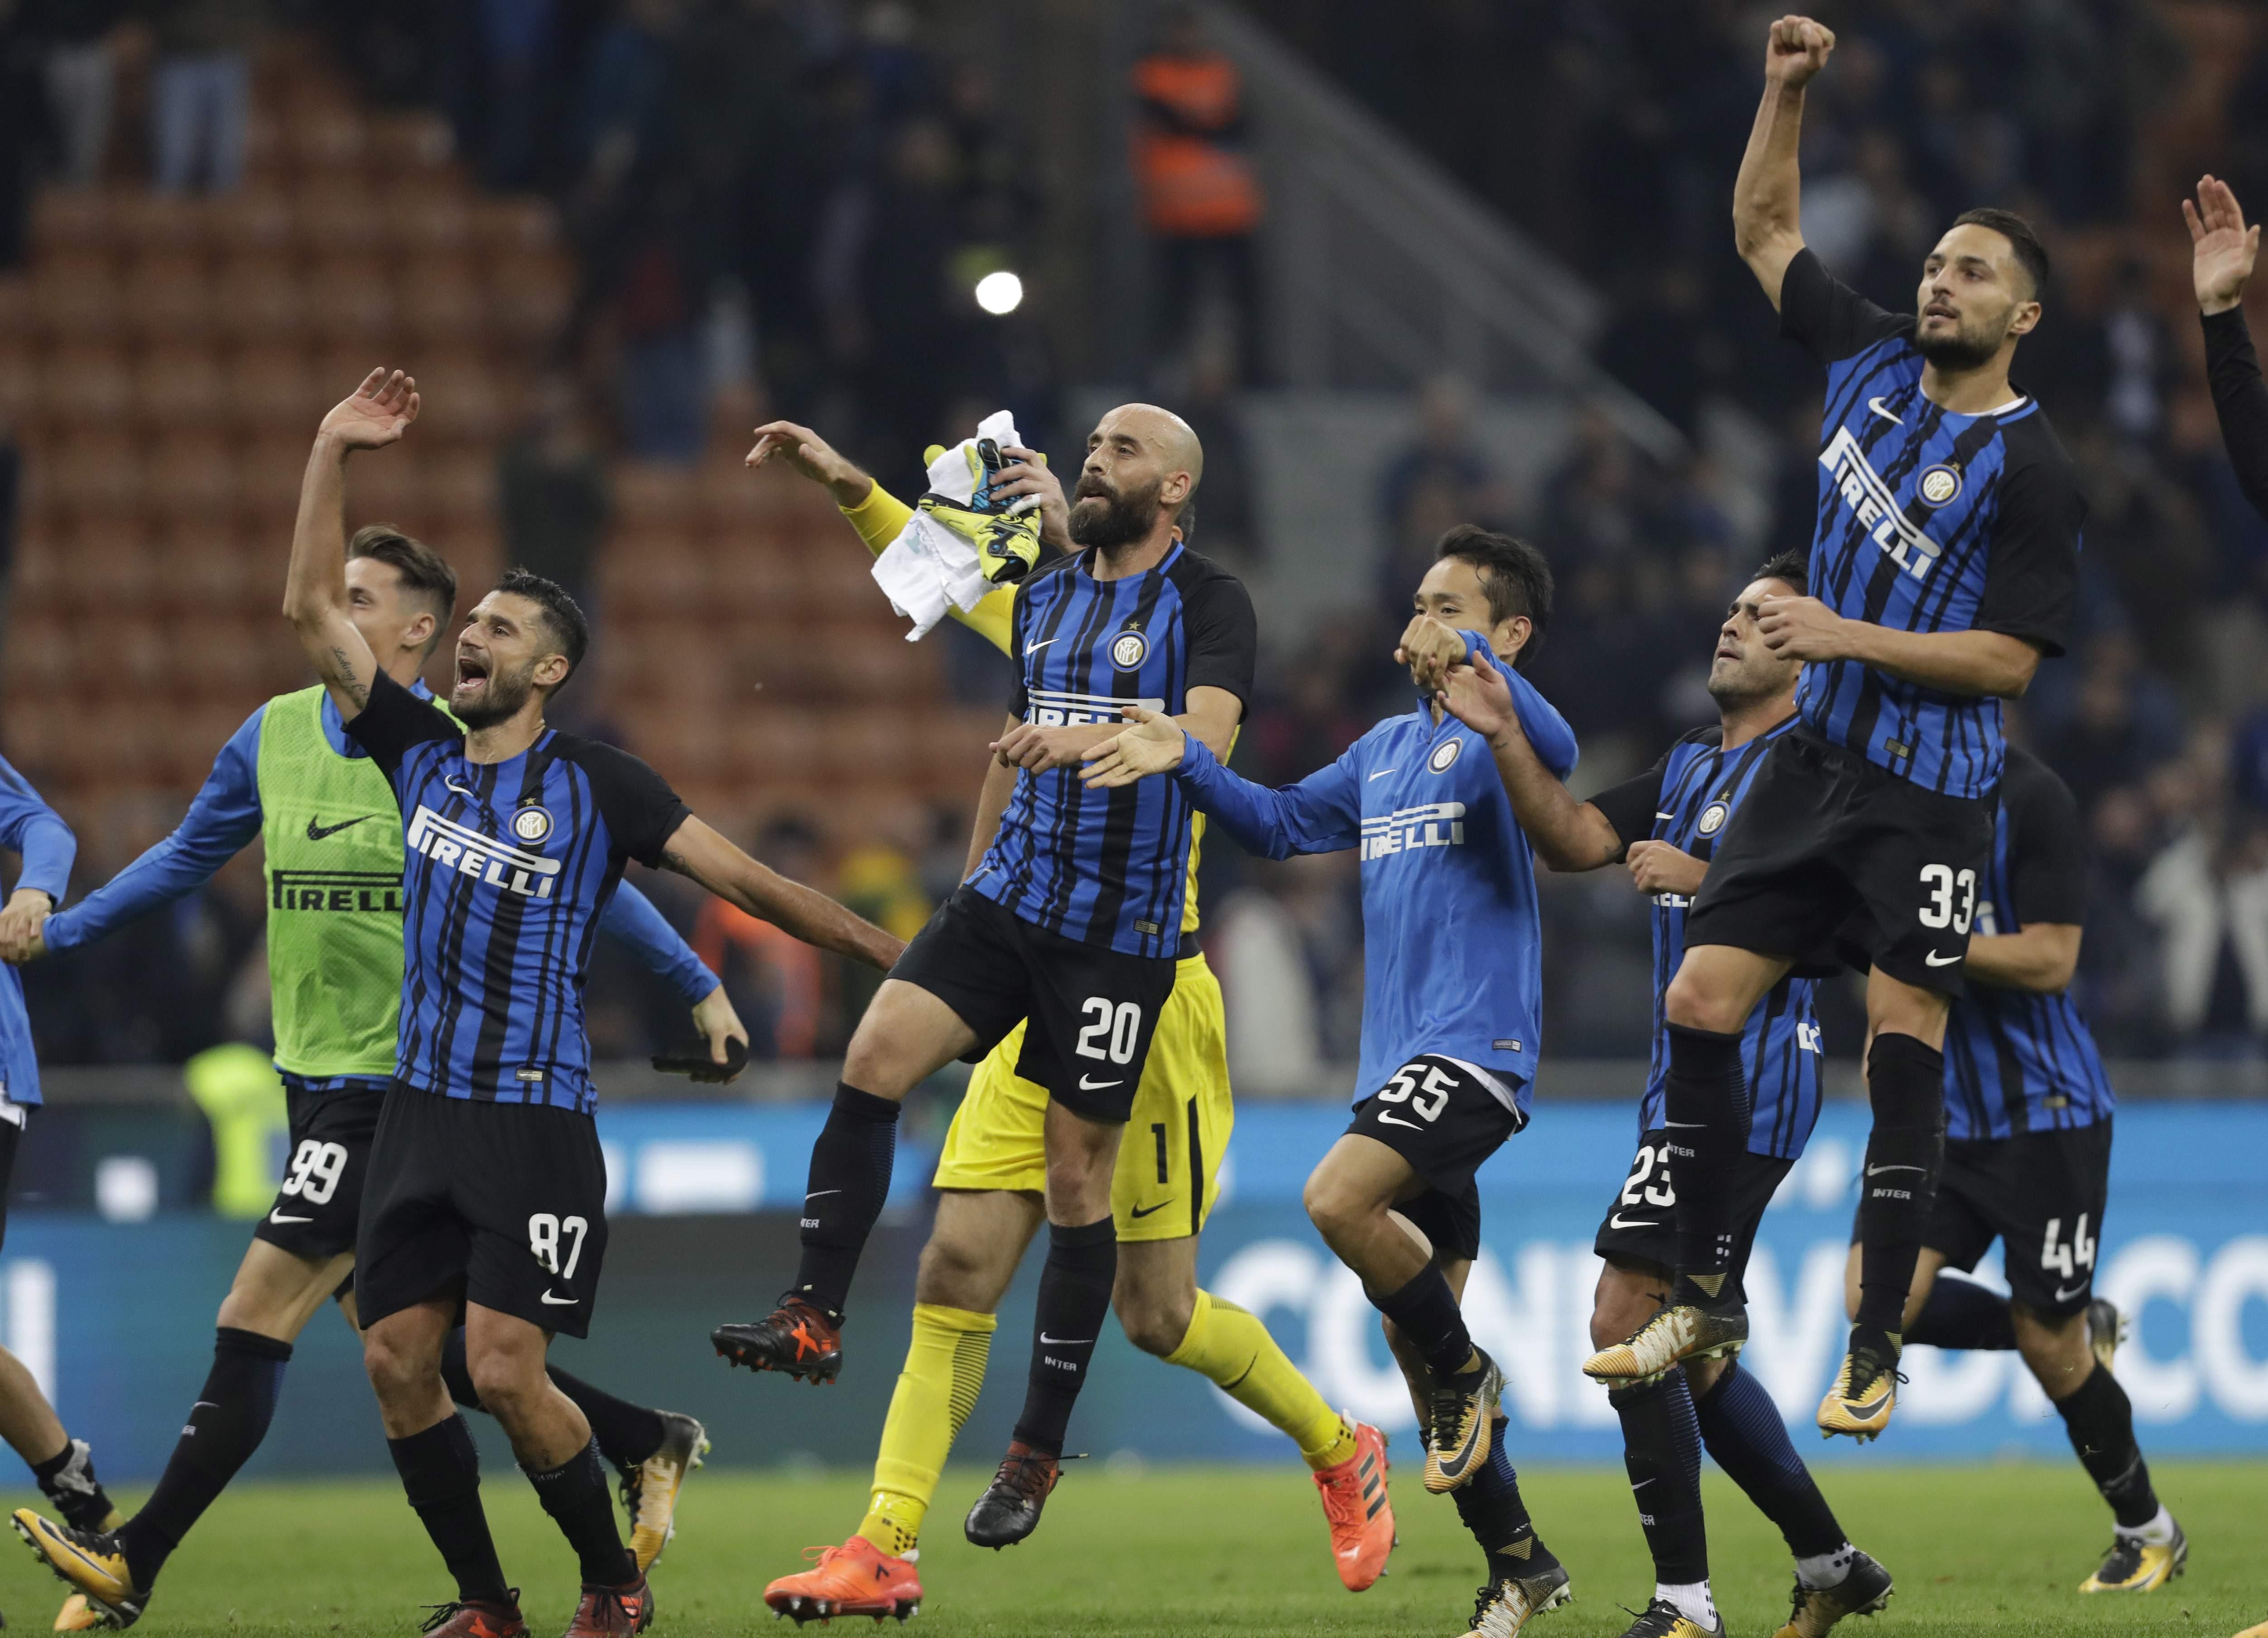 Футбол. Ставки на матч Сампдория — Интер. Ставки на футбол на 4 Октября 2015